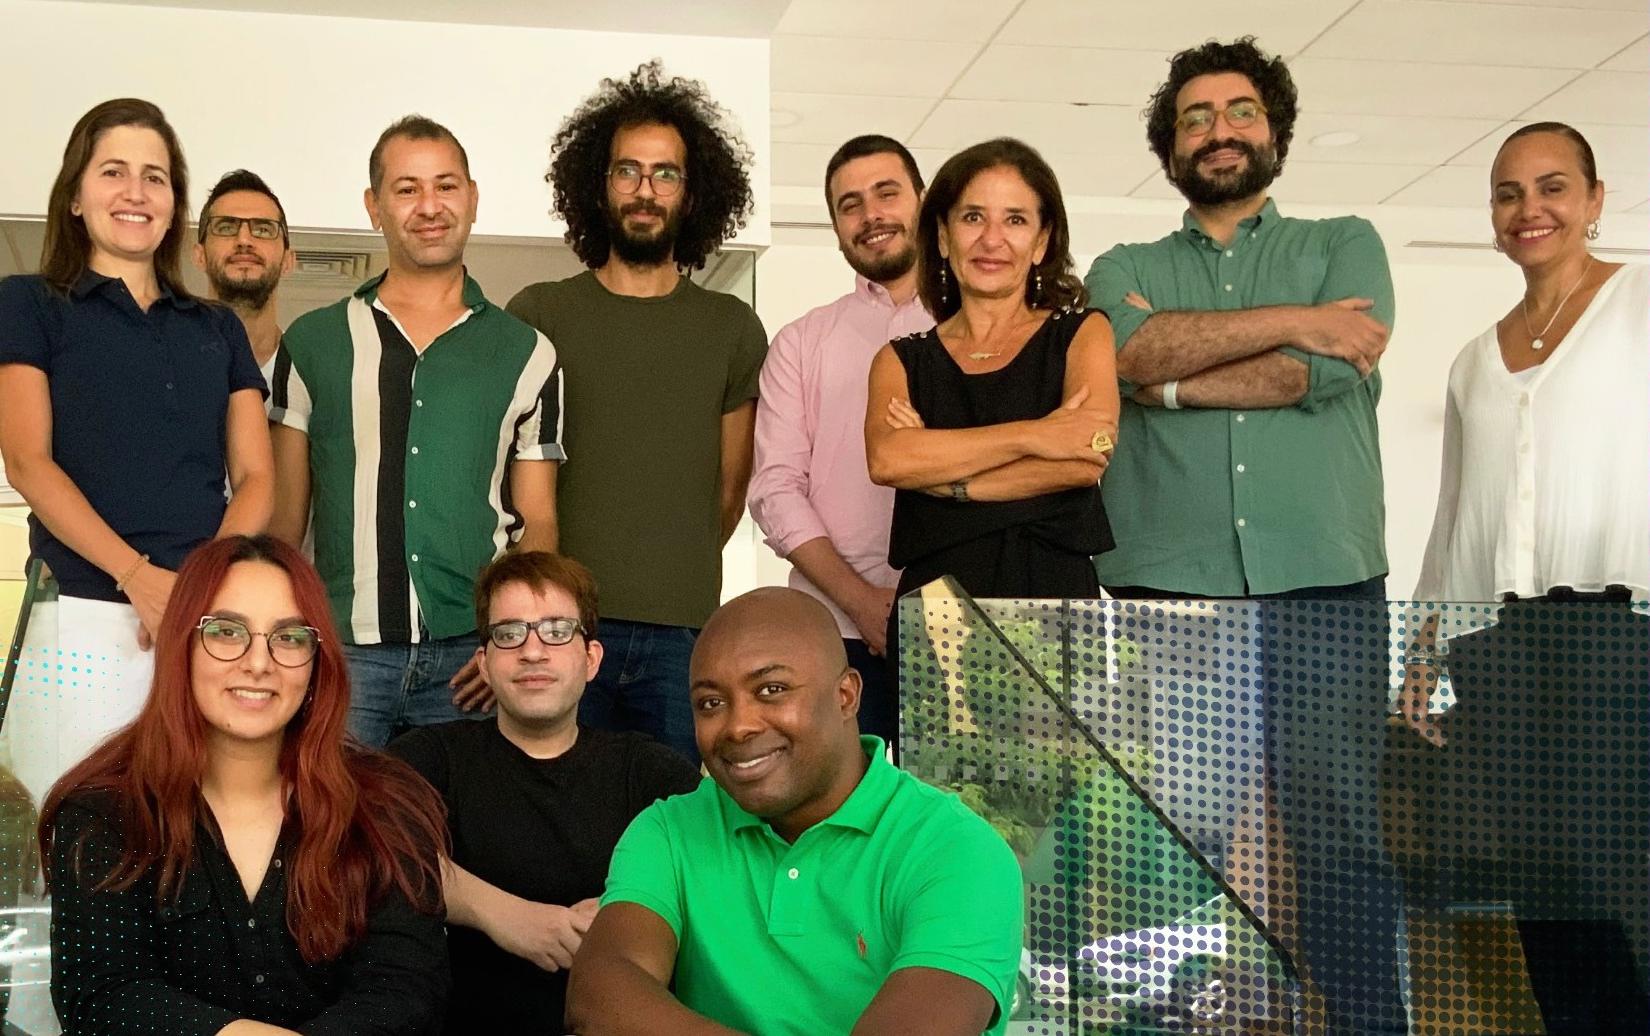 ندى دوماني: هذه الدورة من «عمّان السينمائي الدولي» بمثابة الافتتاحية وصديقة للبيئة